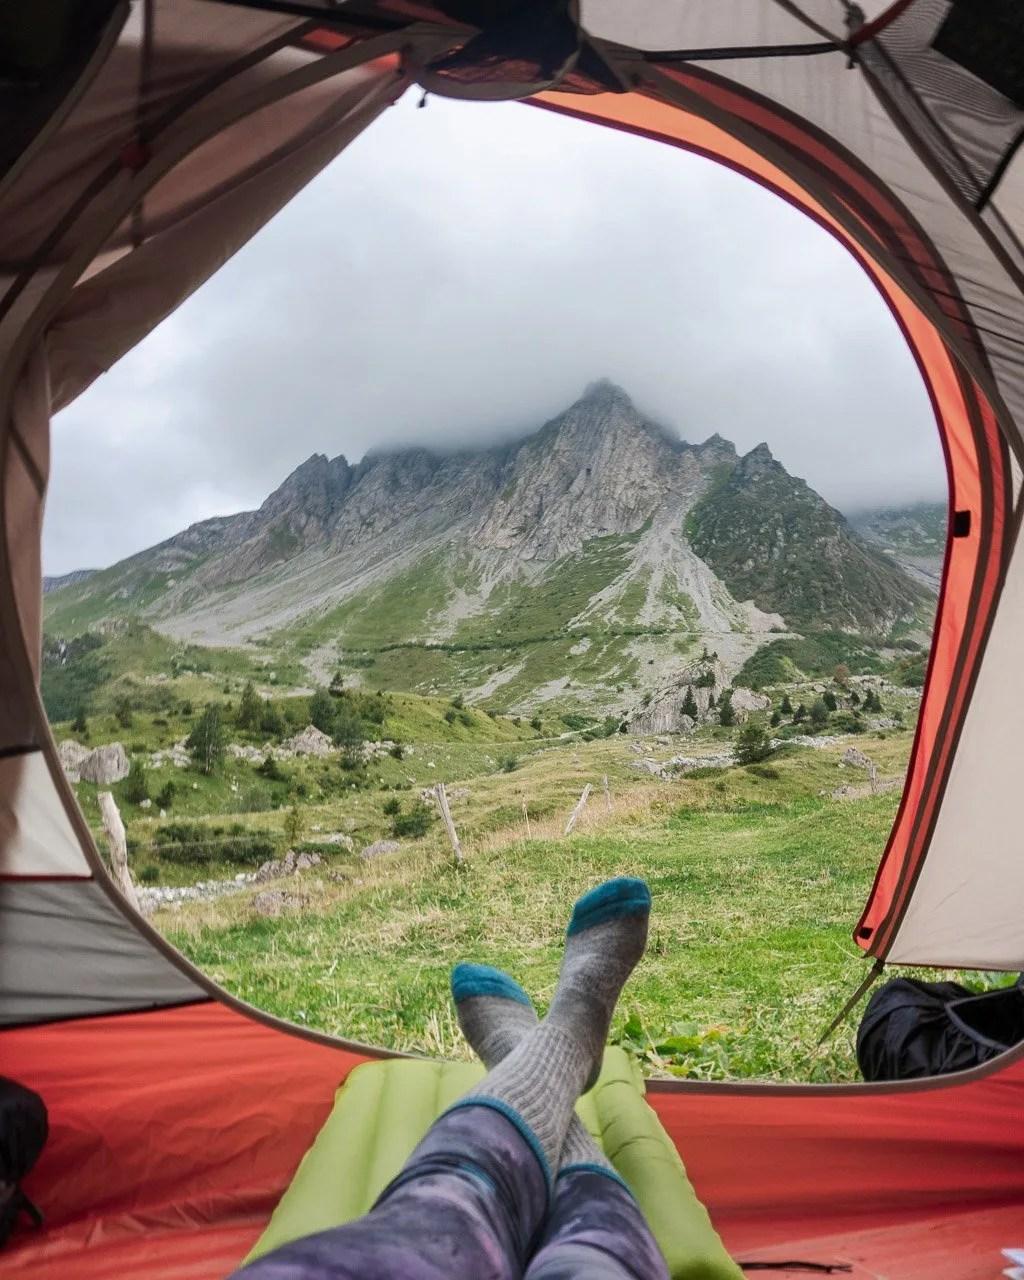 Tent view from Chalet Refuge de la Balme on the Tour du Mont Blanc stage 2